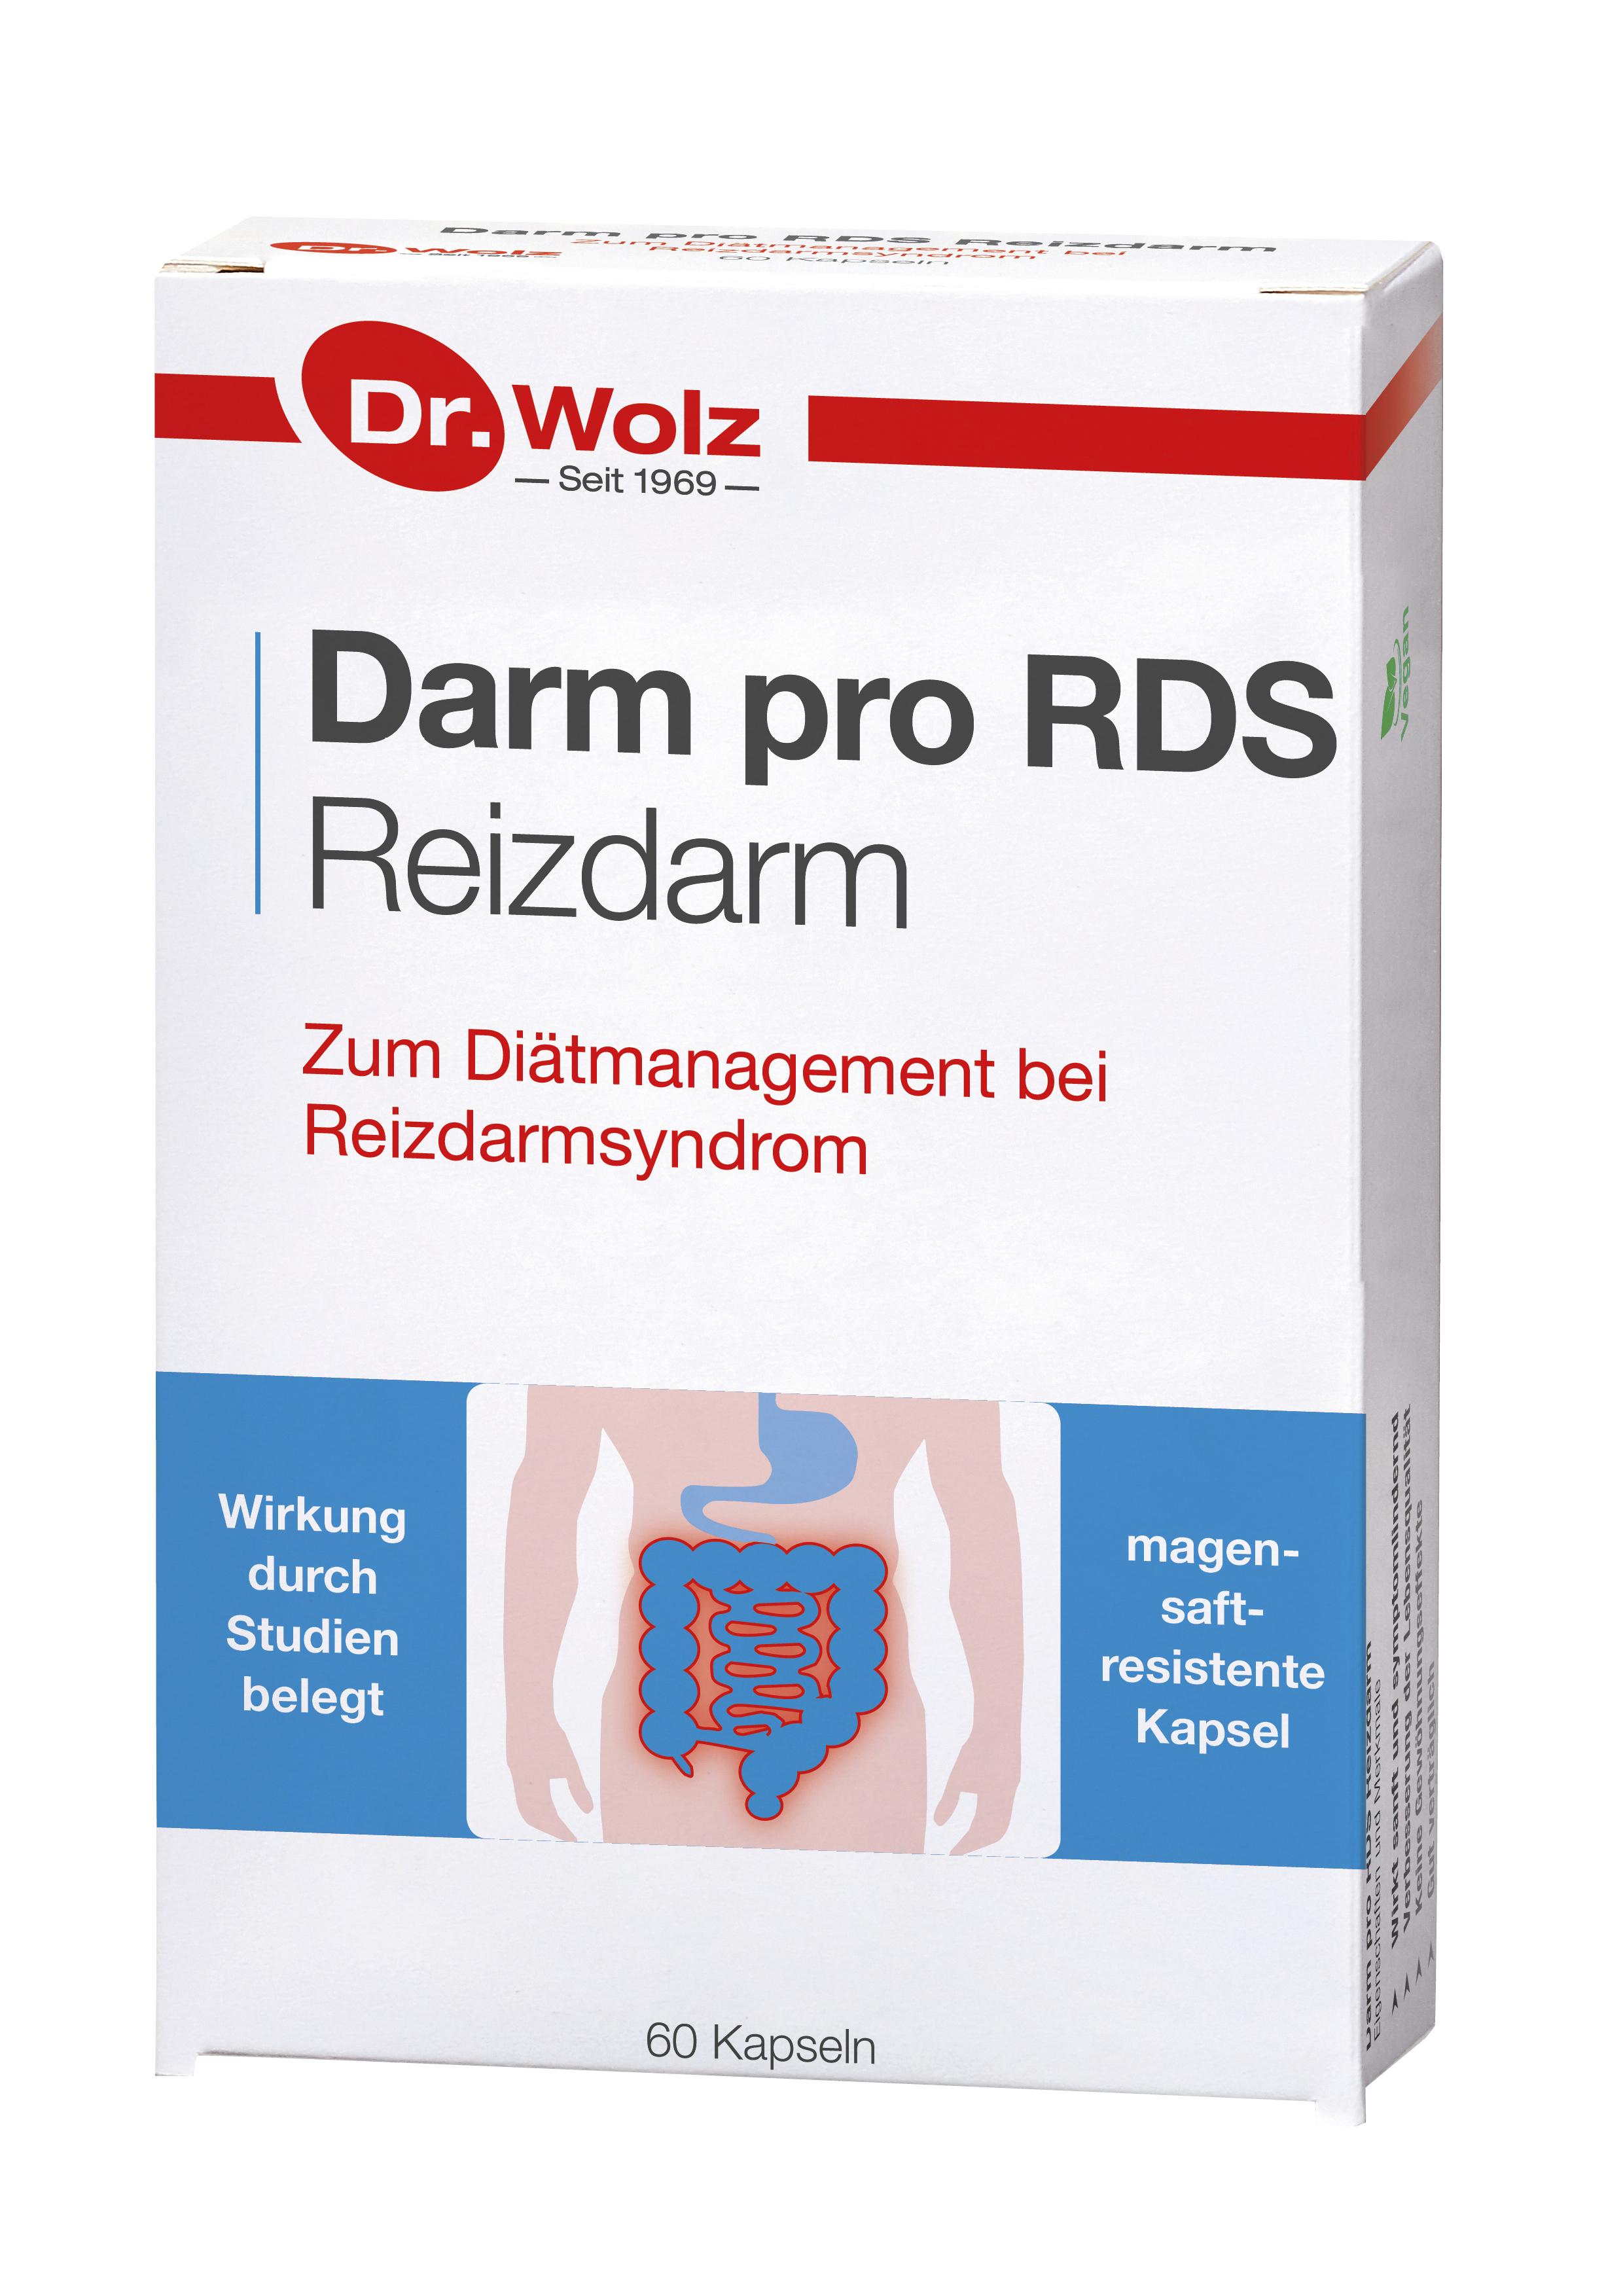 Vorschaubild: Darm pro RDS Reizdarm